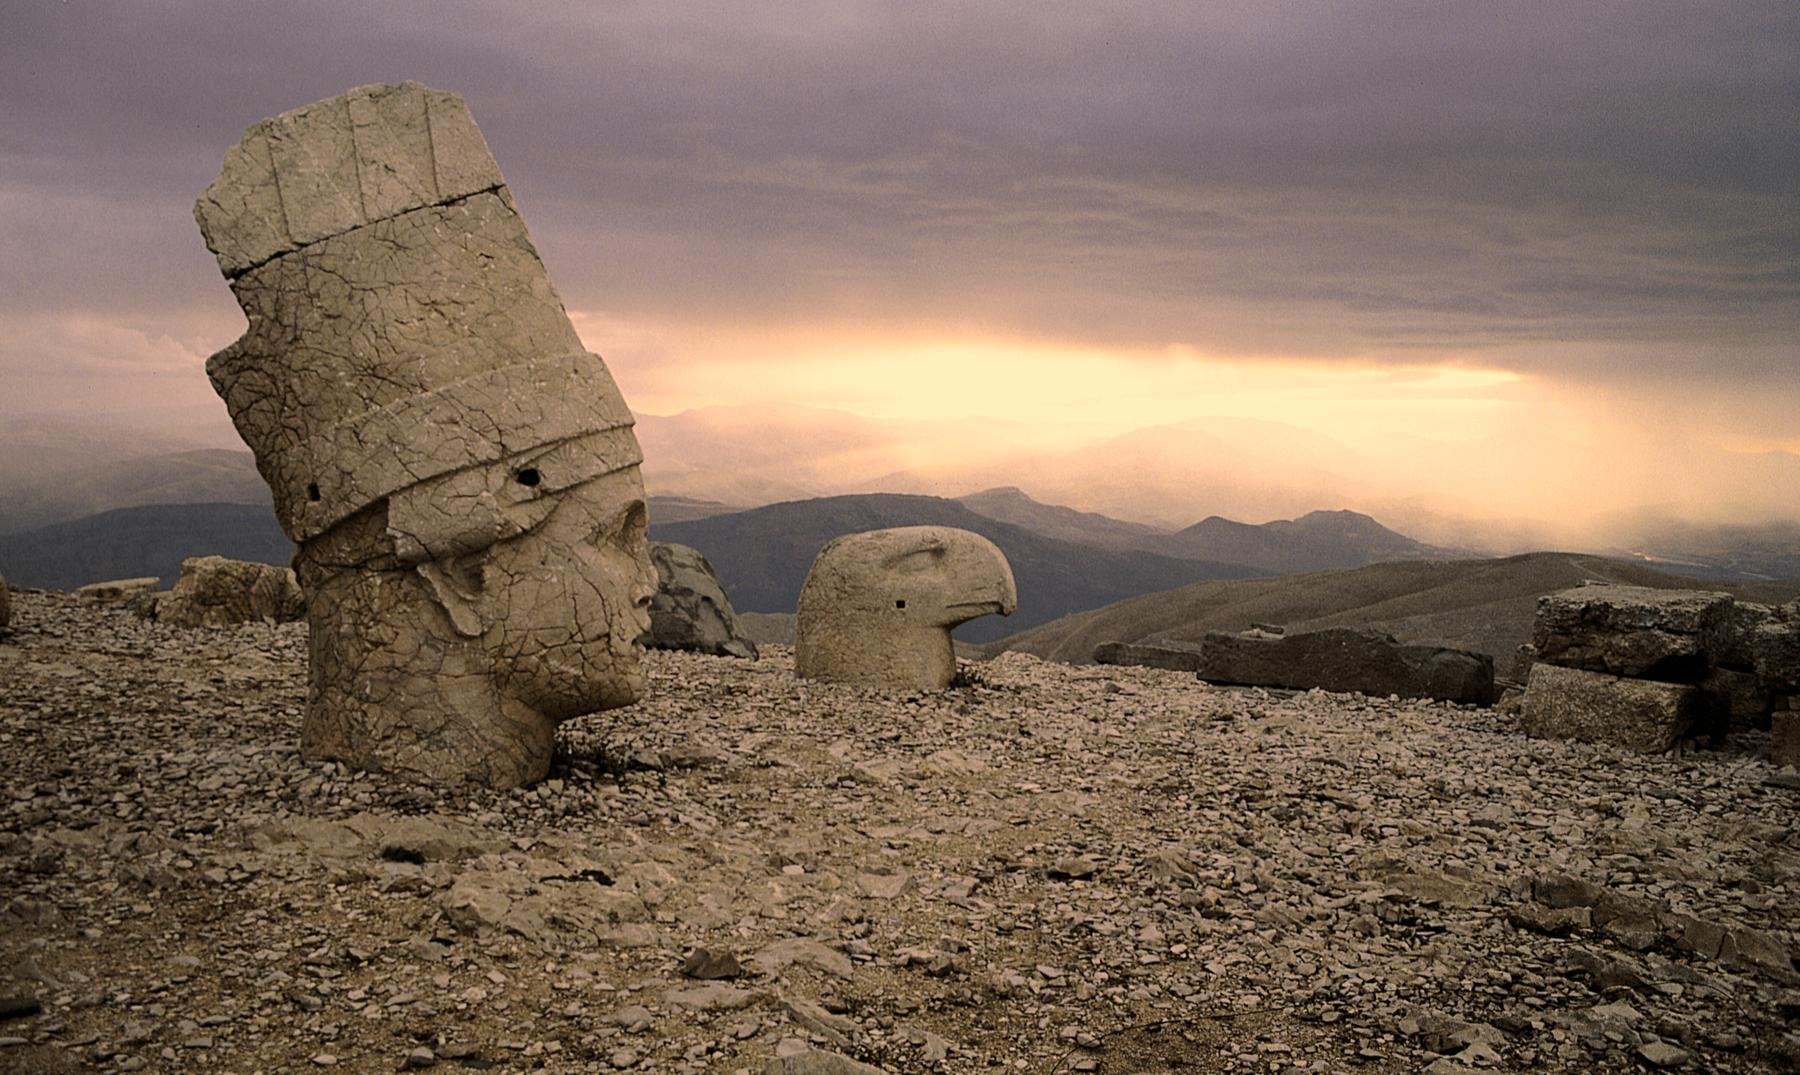 Nemrut Dağ: la montaña de los viejos dioses decapitados